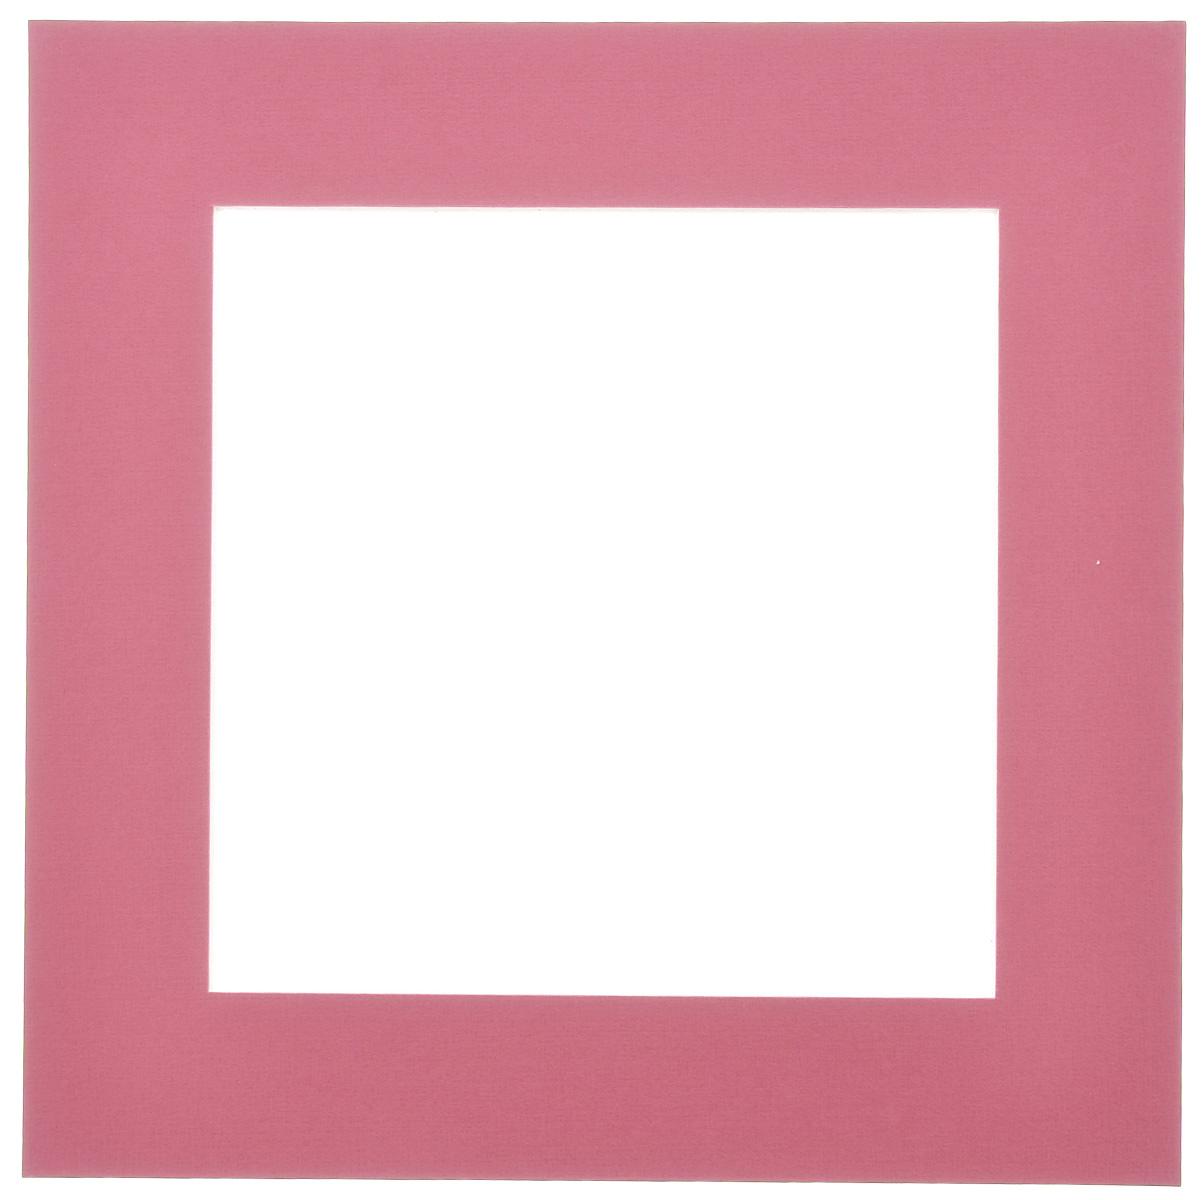 Паспарту Василиса, цвет: гранатовый, 17 см х 17 см580632Паспарту Василиса, изготовленное из плотного картона, предназначено для оформления художественных работ и фотографий. Оно располагается между багетной рамой и изображением, делая акцент на фотографии, усиливая ее визуальное восприятие. Кроме того, на паспарту часто располагают поясняющие подписи, автограф изображенного. Внешний размер: 25 см х 25 см. Внутренний размер: 17 см х 17 см.